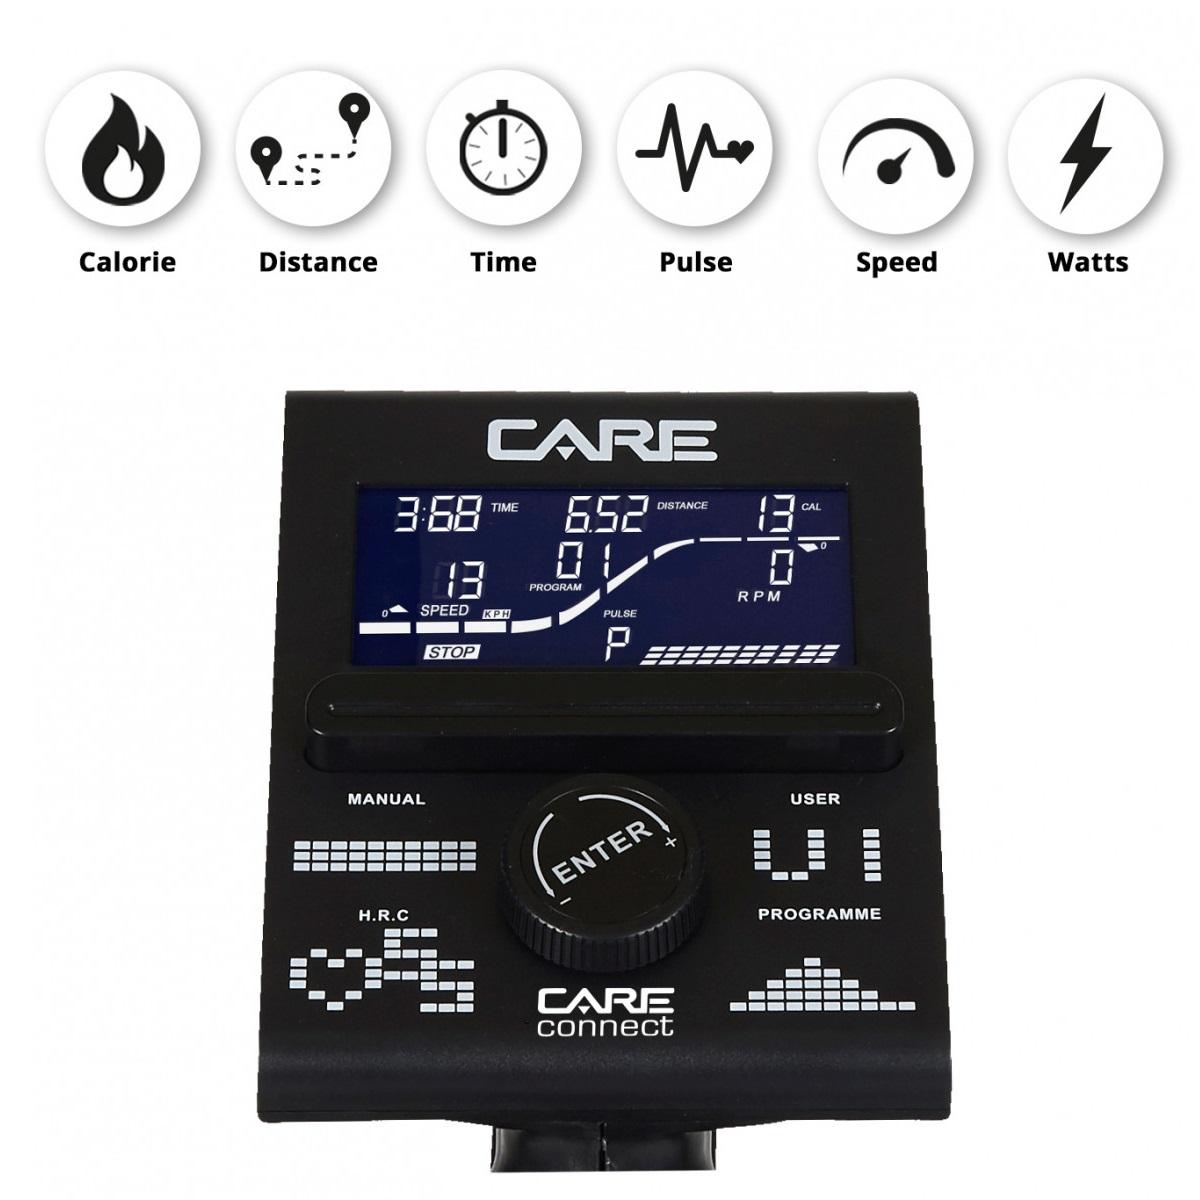 Care CE-695